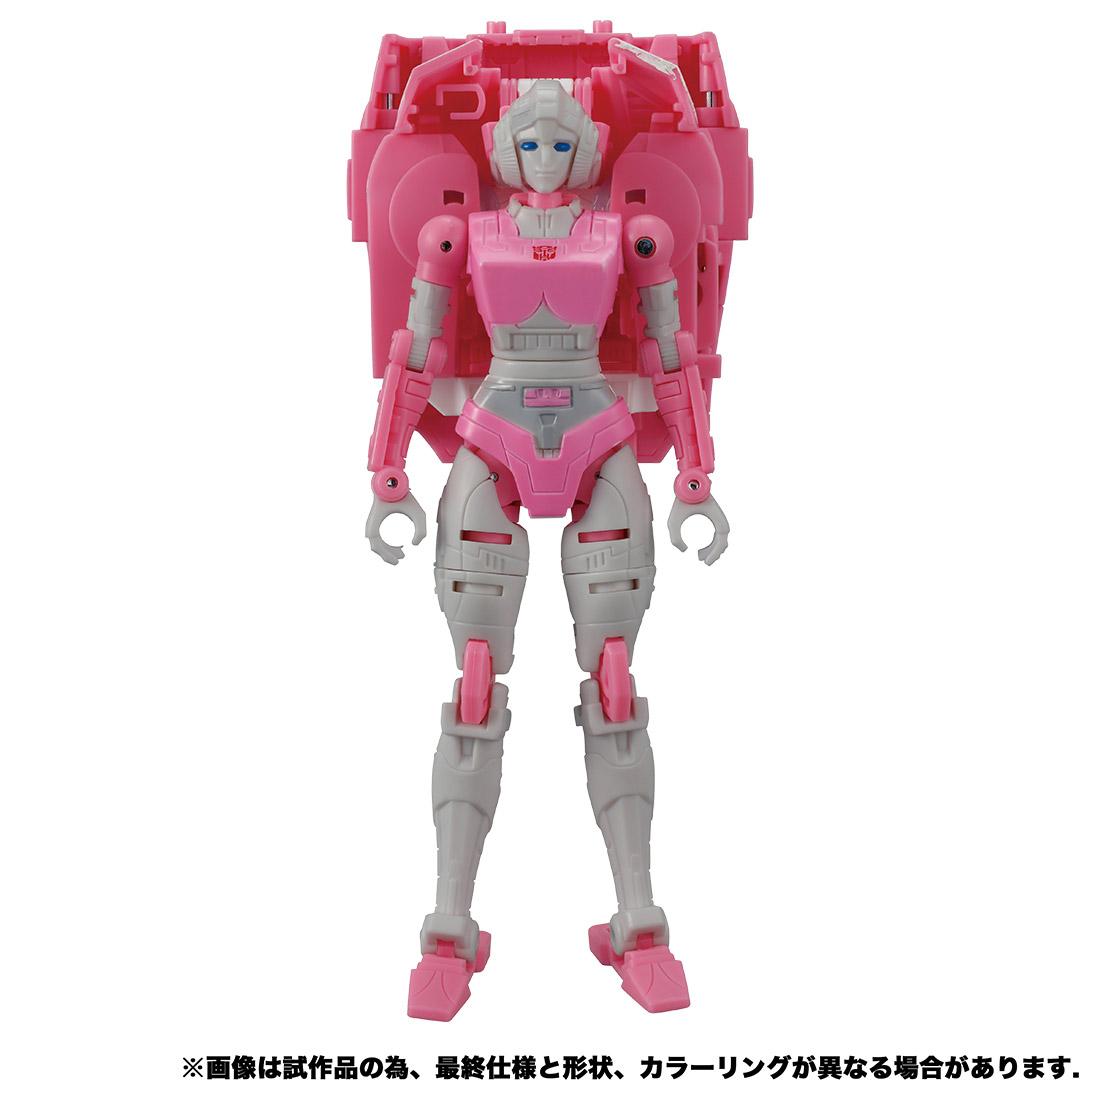 トランスフォーマー アースライズ『ER-09 アーシー』可変可動フィギュア-005